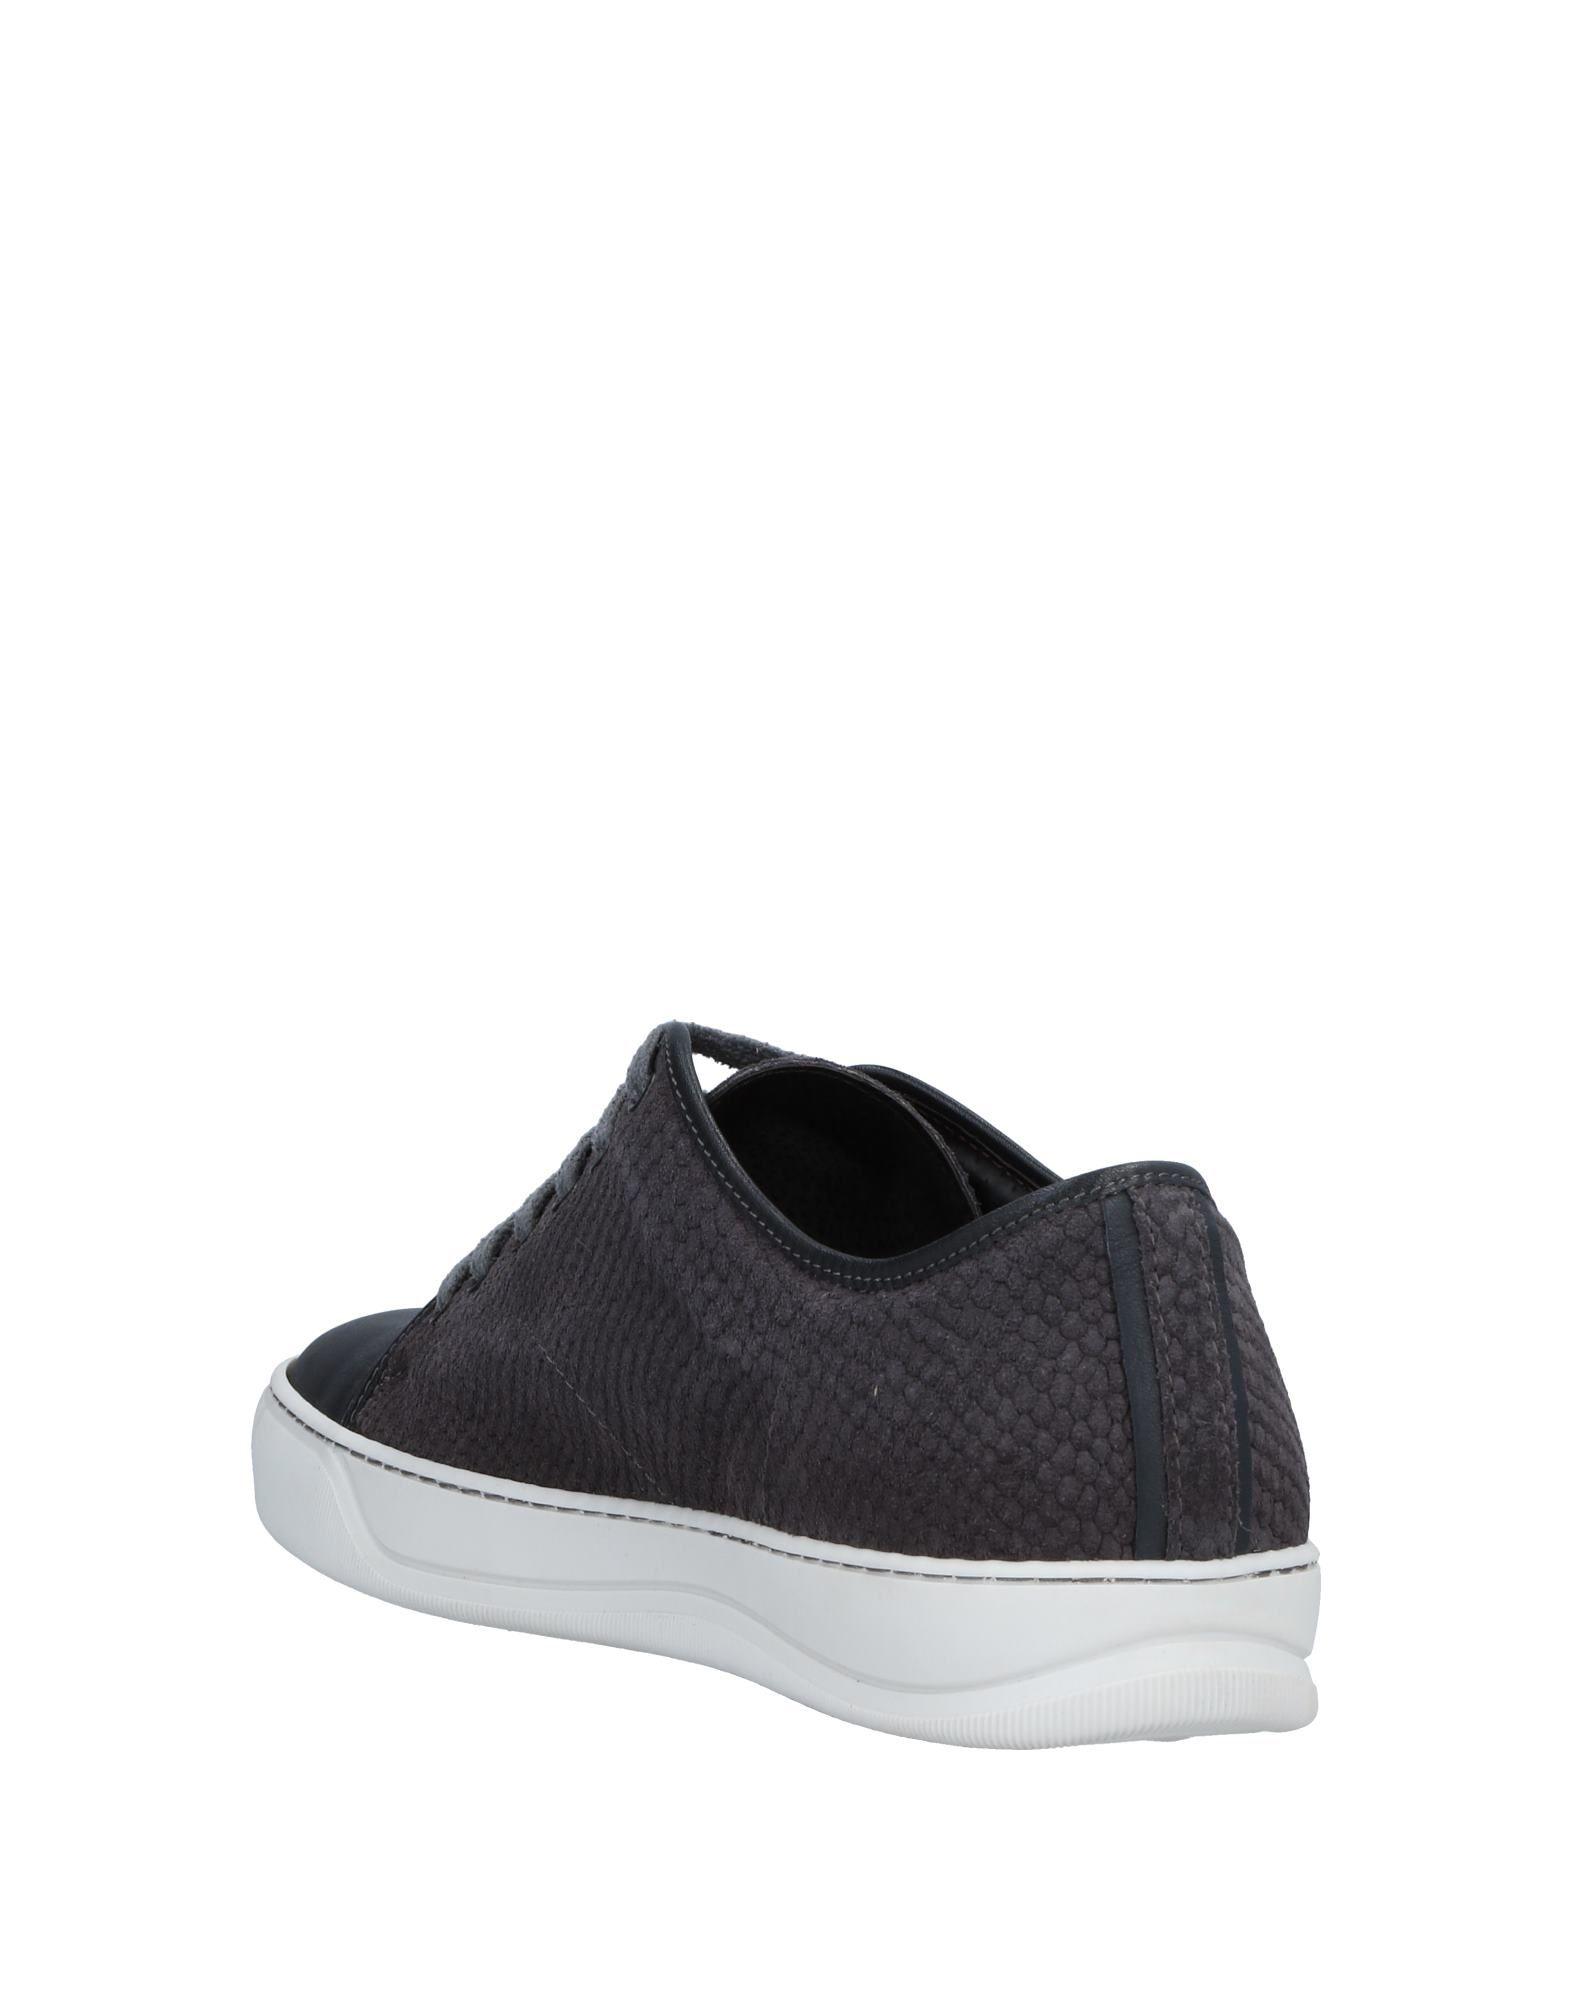 Rabatt echte Schuhe Daniele Sneakers Alessandrini Sneakers Daniele Herren  11533334NI 10f789